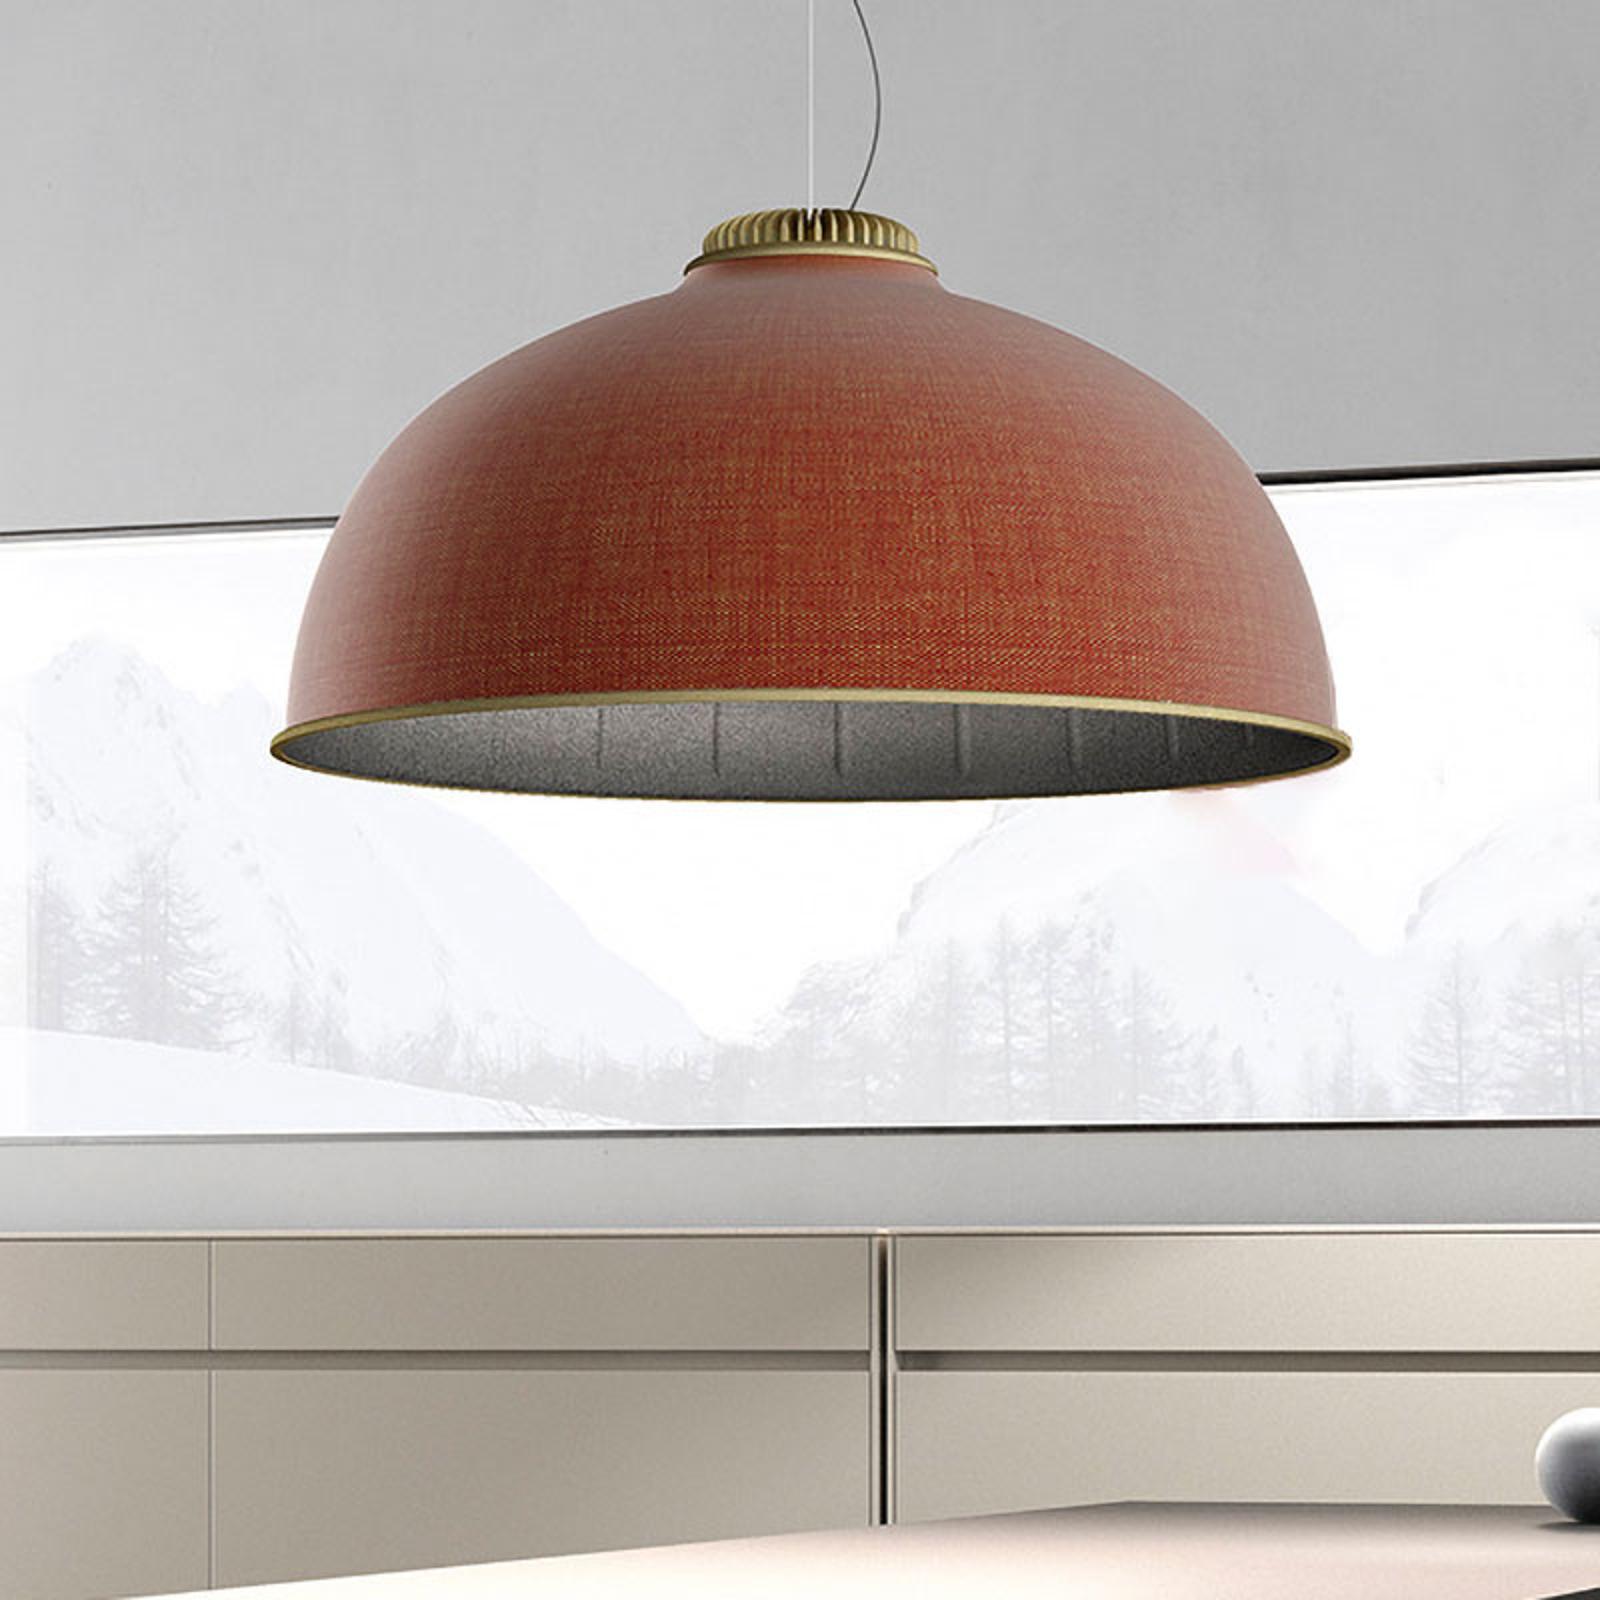 Luceplan Farel LED-Hängeleuchte Schirm rost